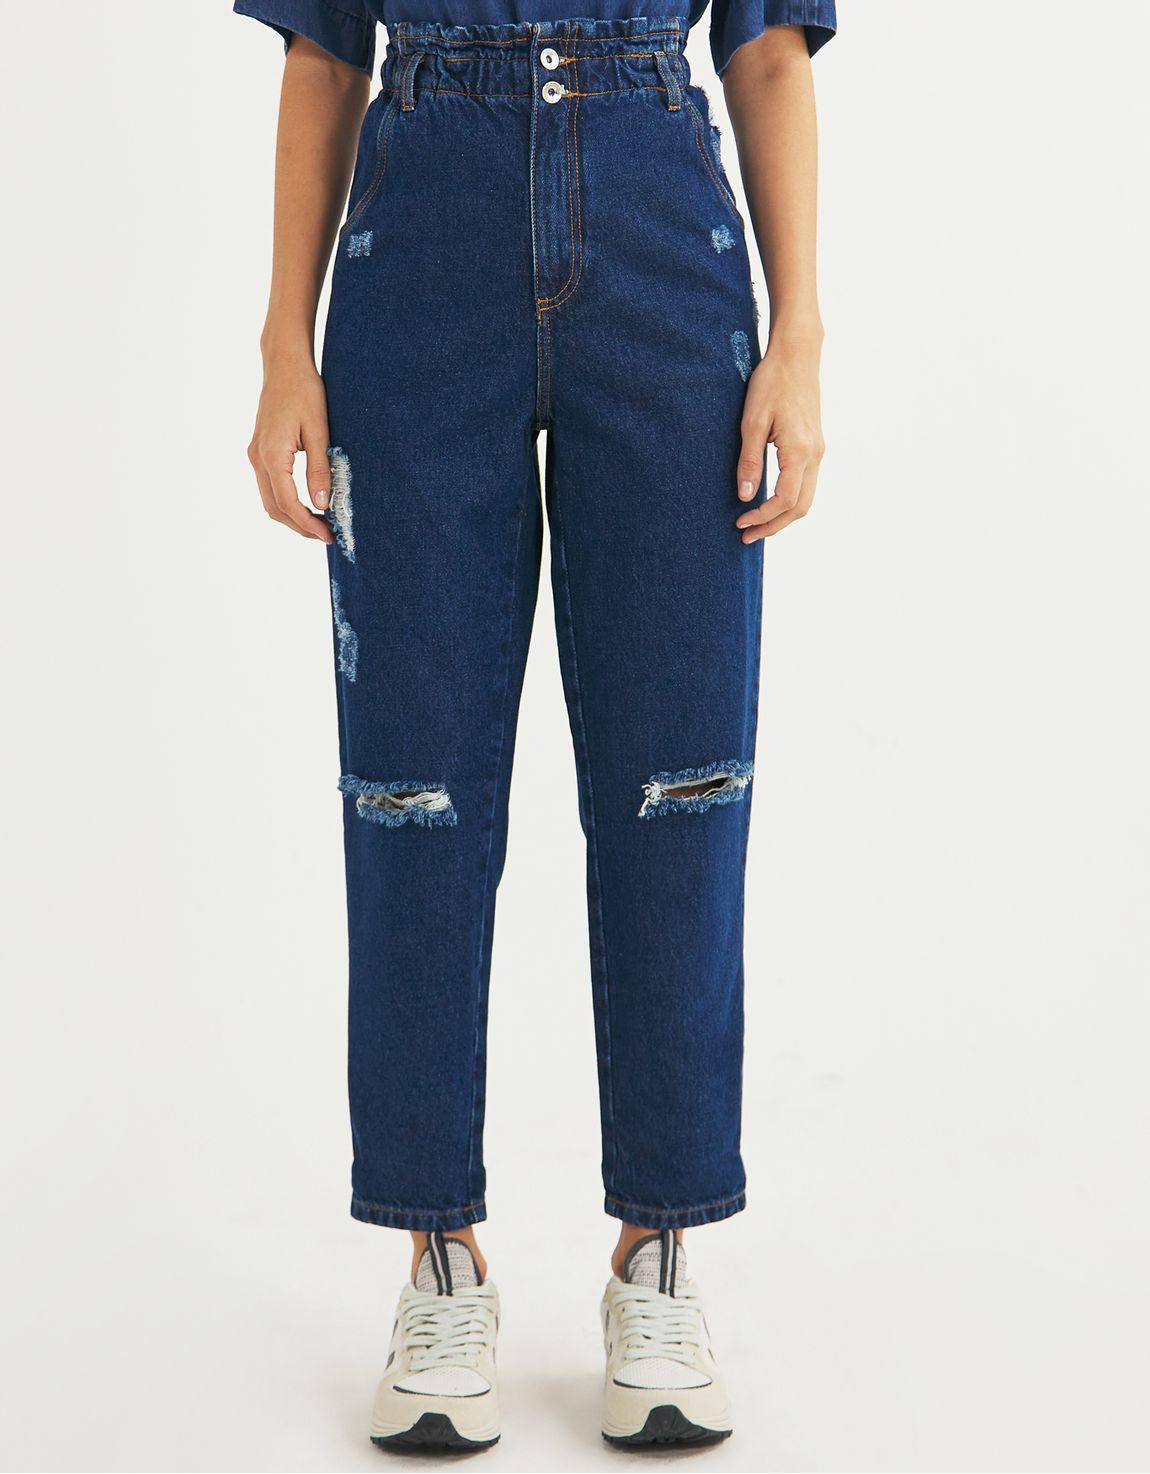 Calça jeans slim clochard